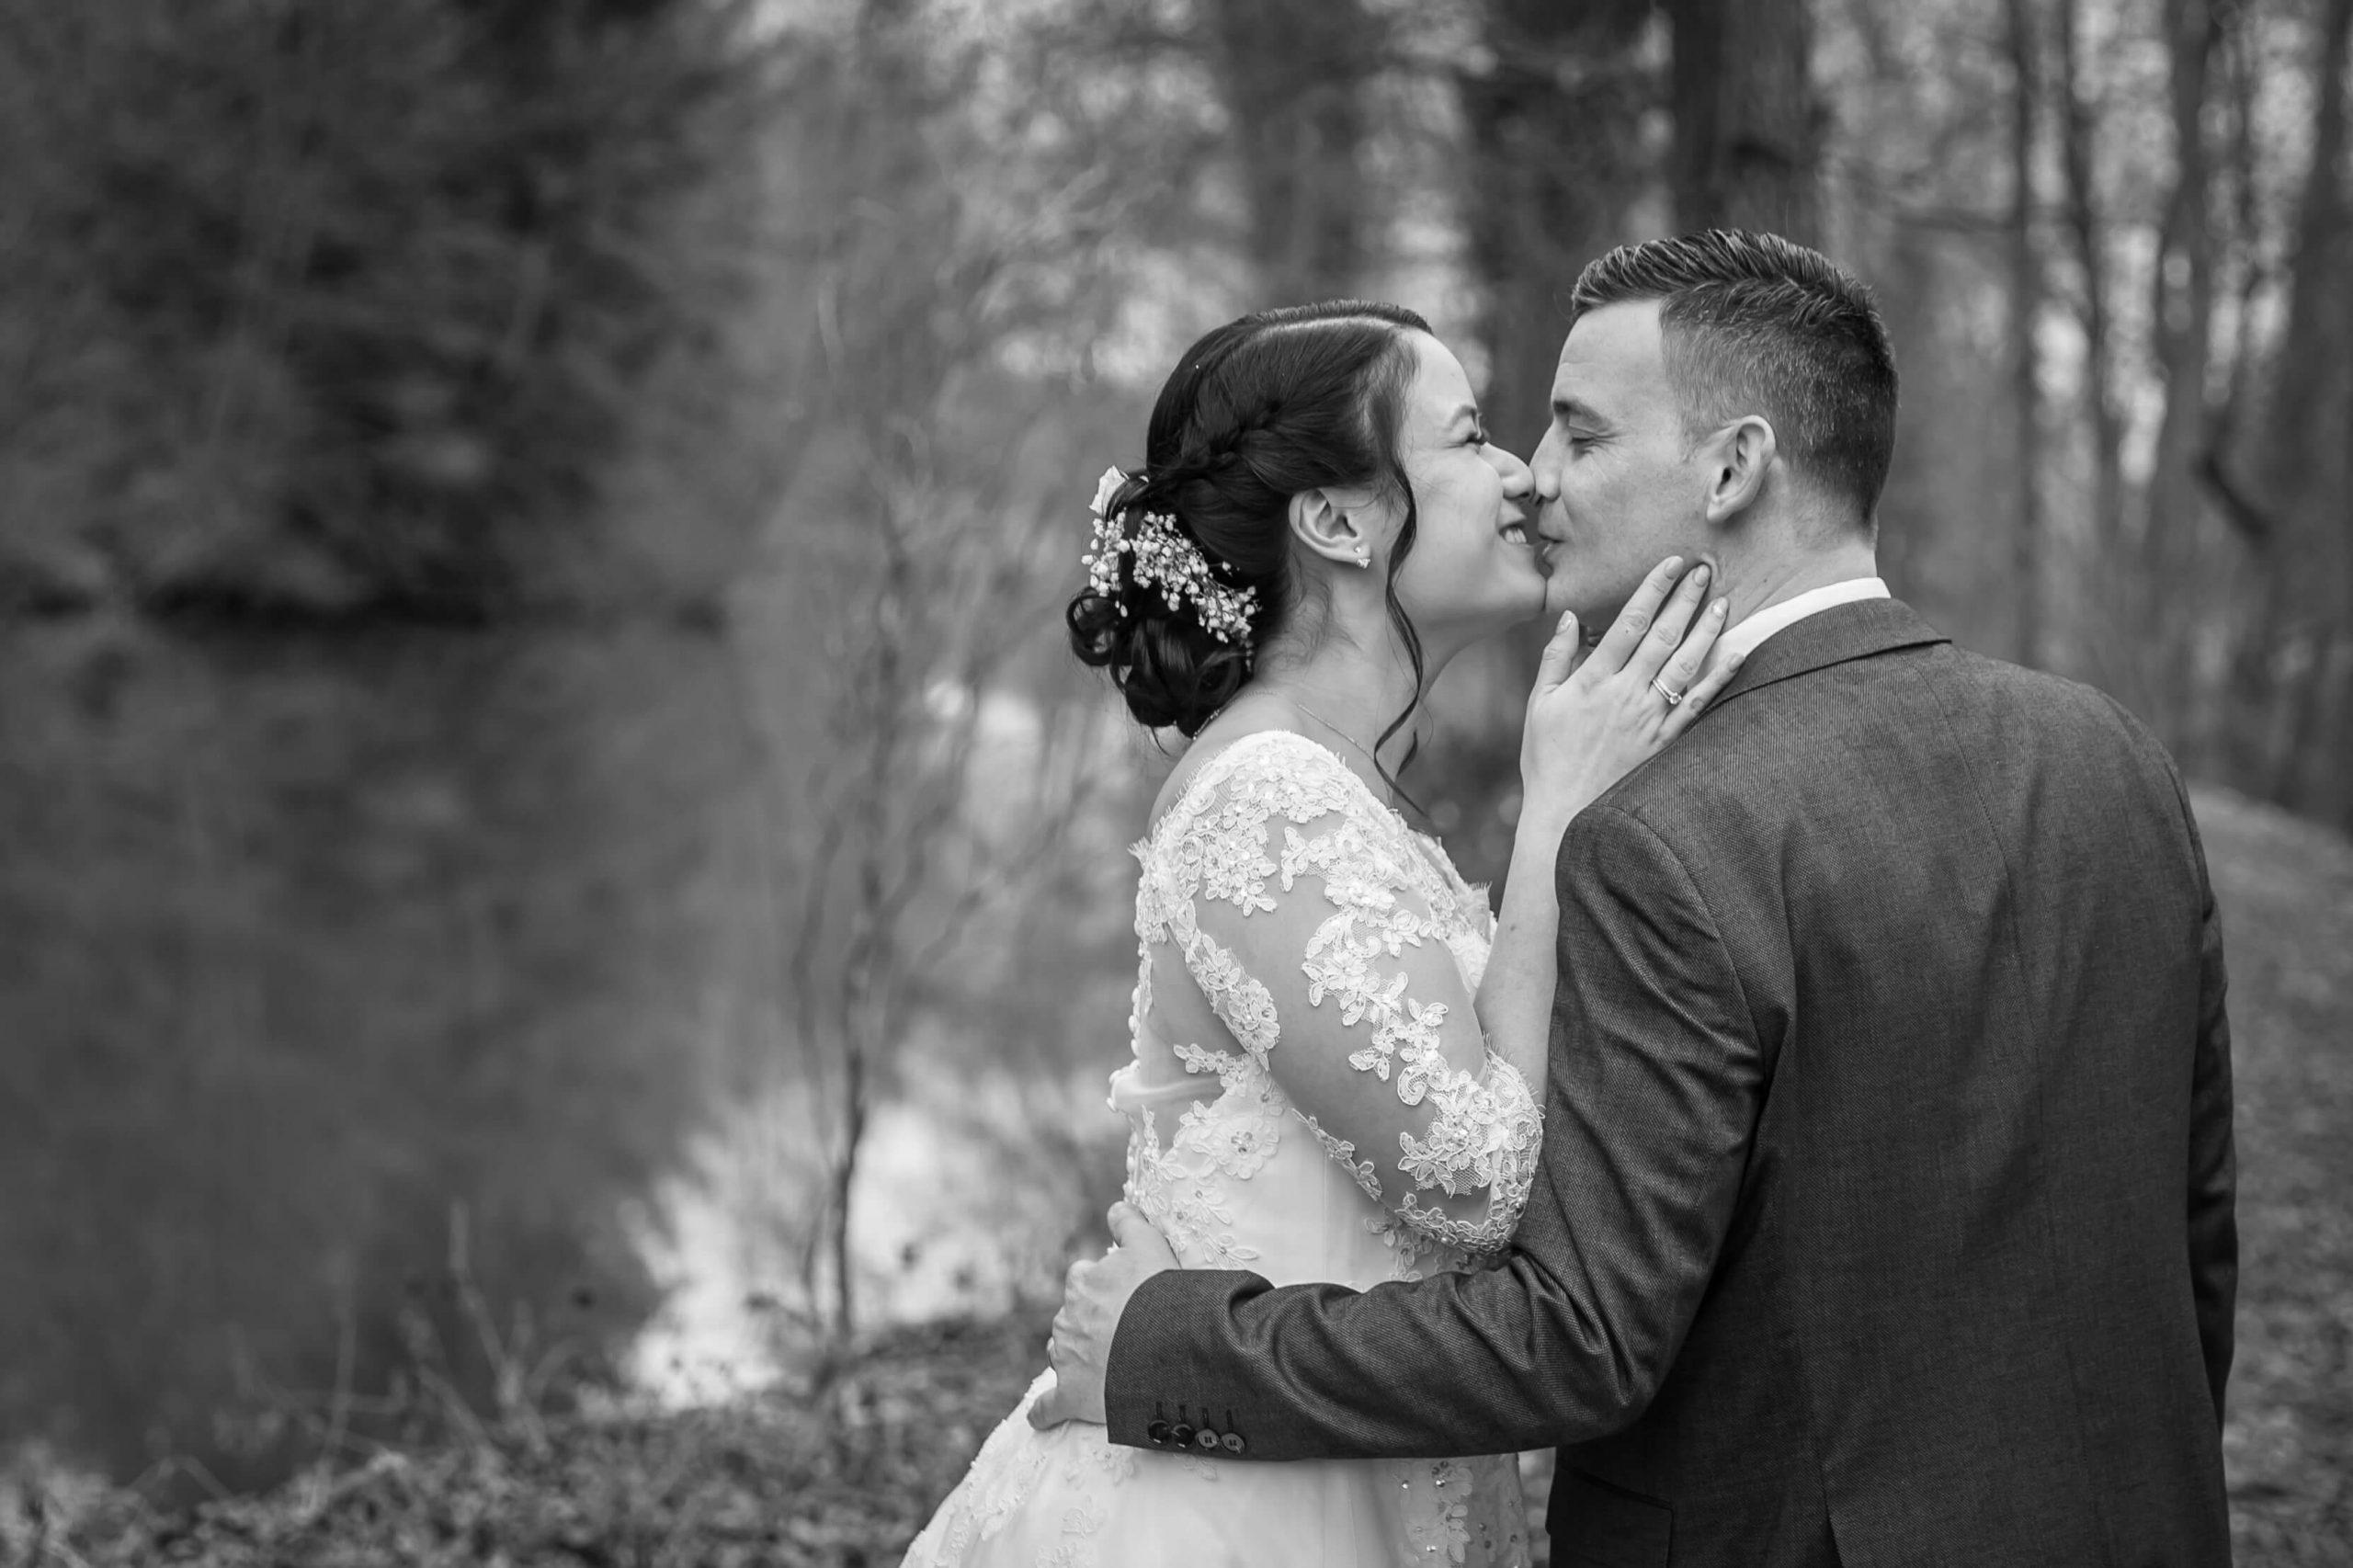 séance photo de mariage en hiver